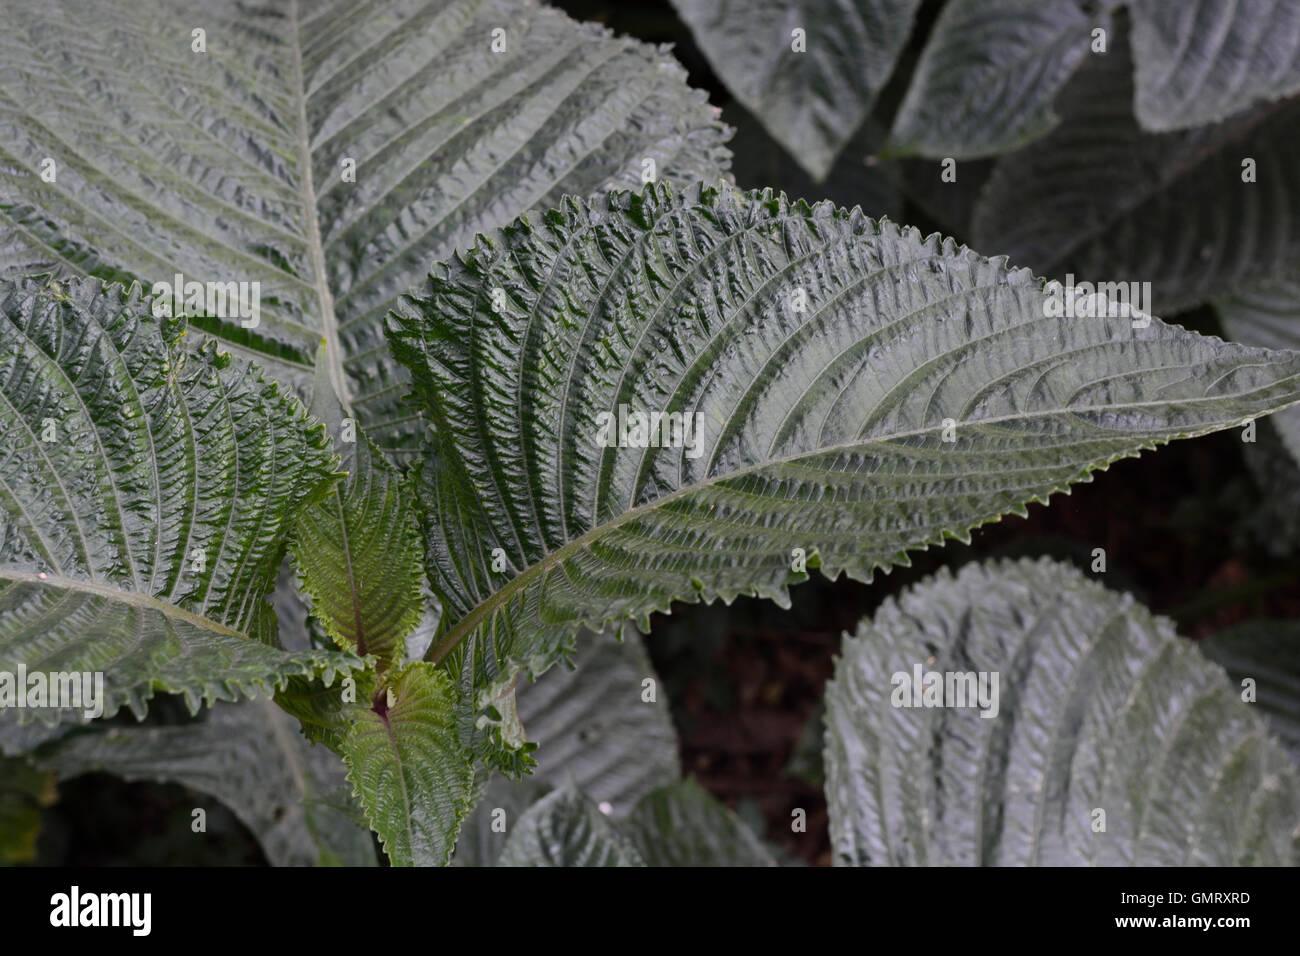 Textured foglie di colore verde scuro per gli sfondi con forti venature Immagini Stock